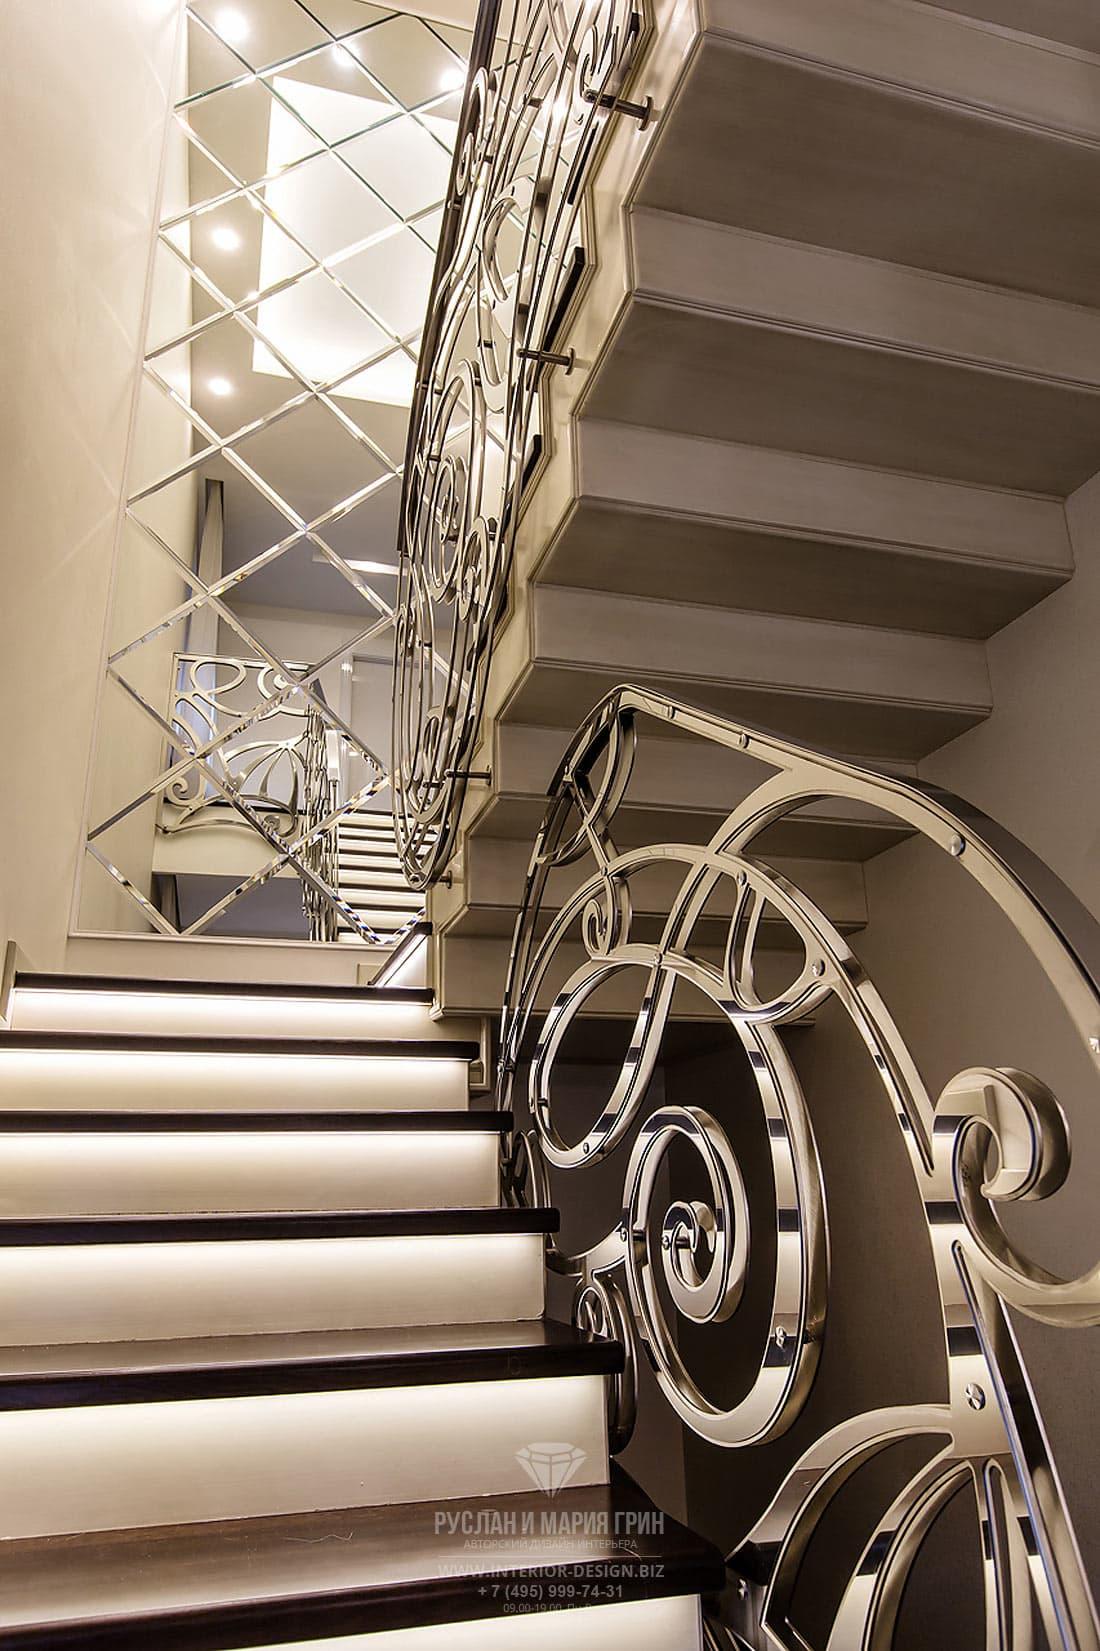 Дизайн лестницы в загородном доме. Фото 2107